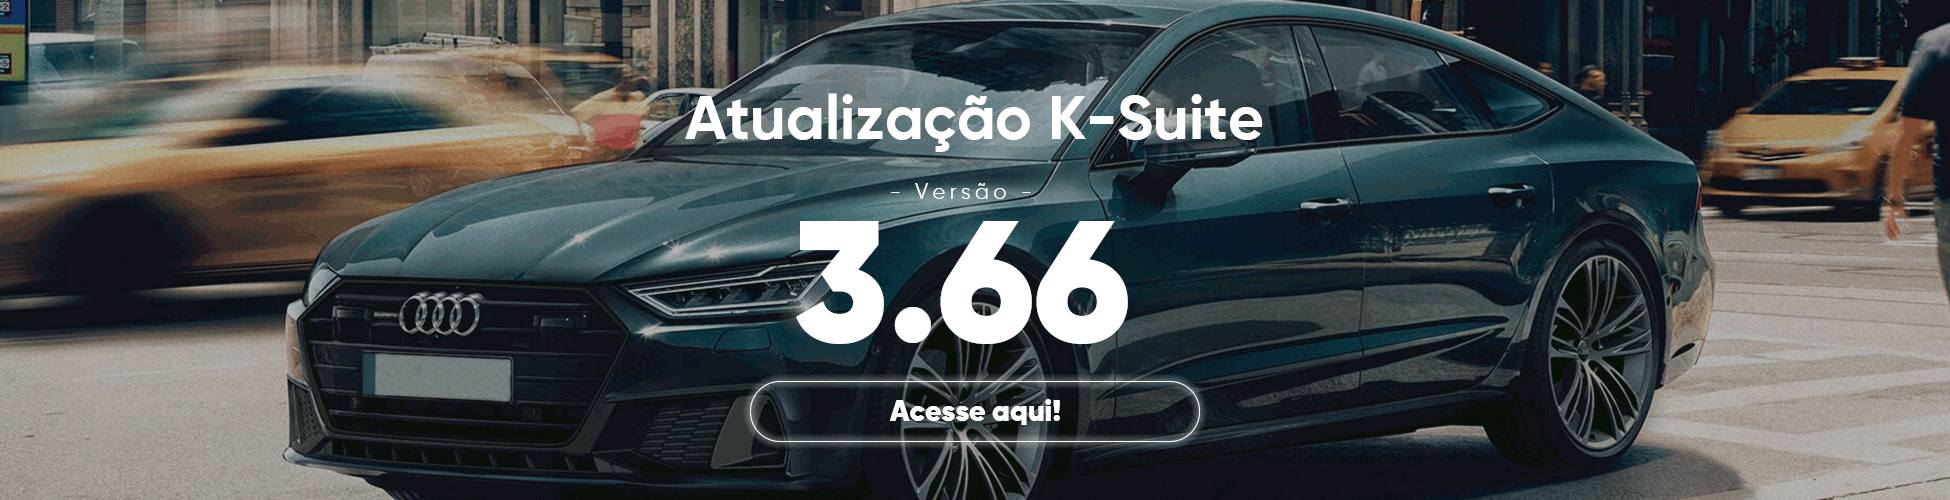 Atualização K-Suite 3.66